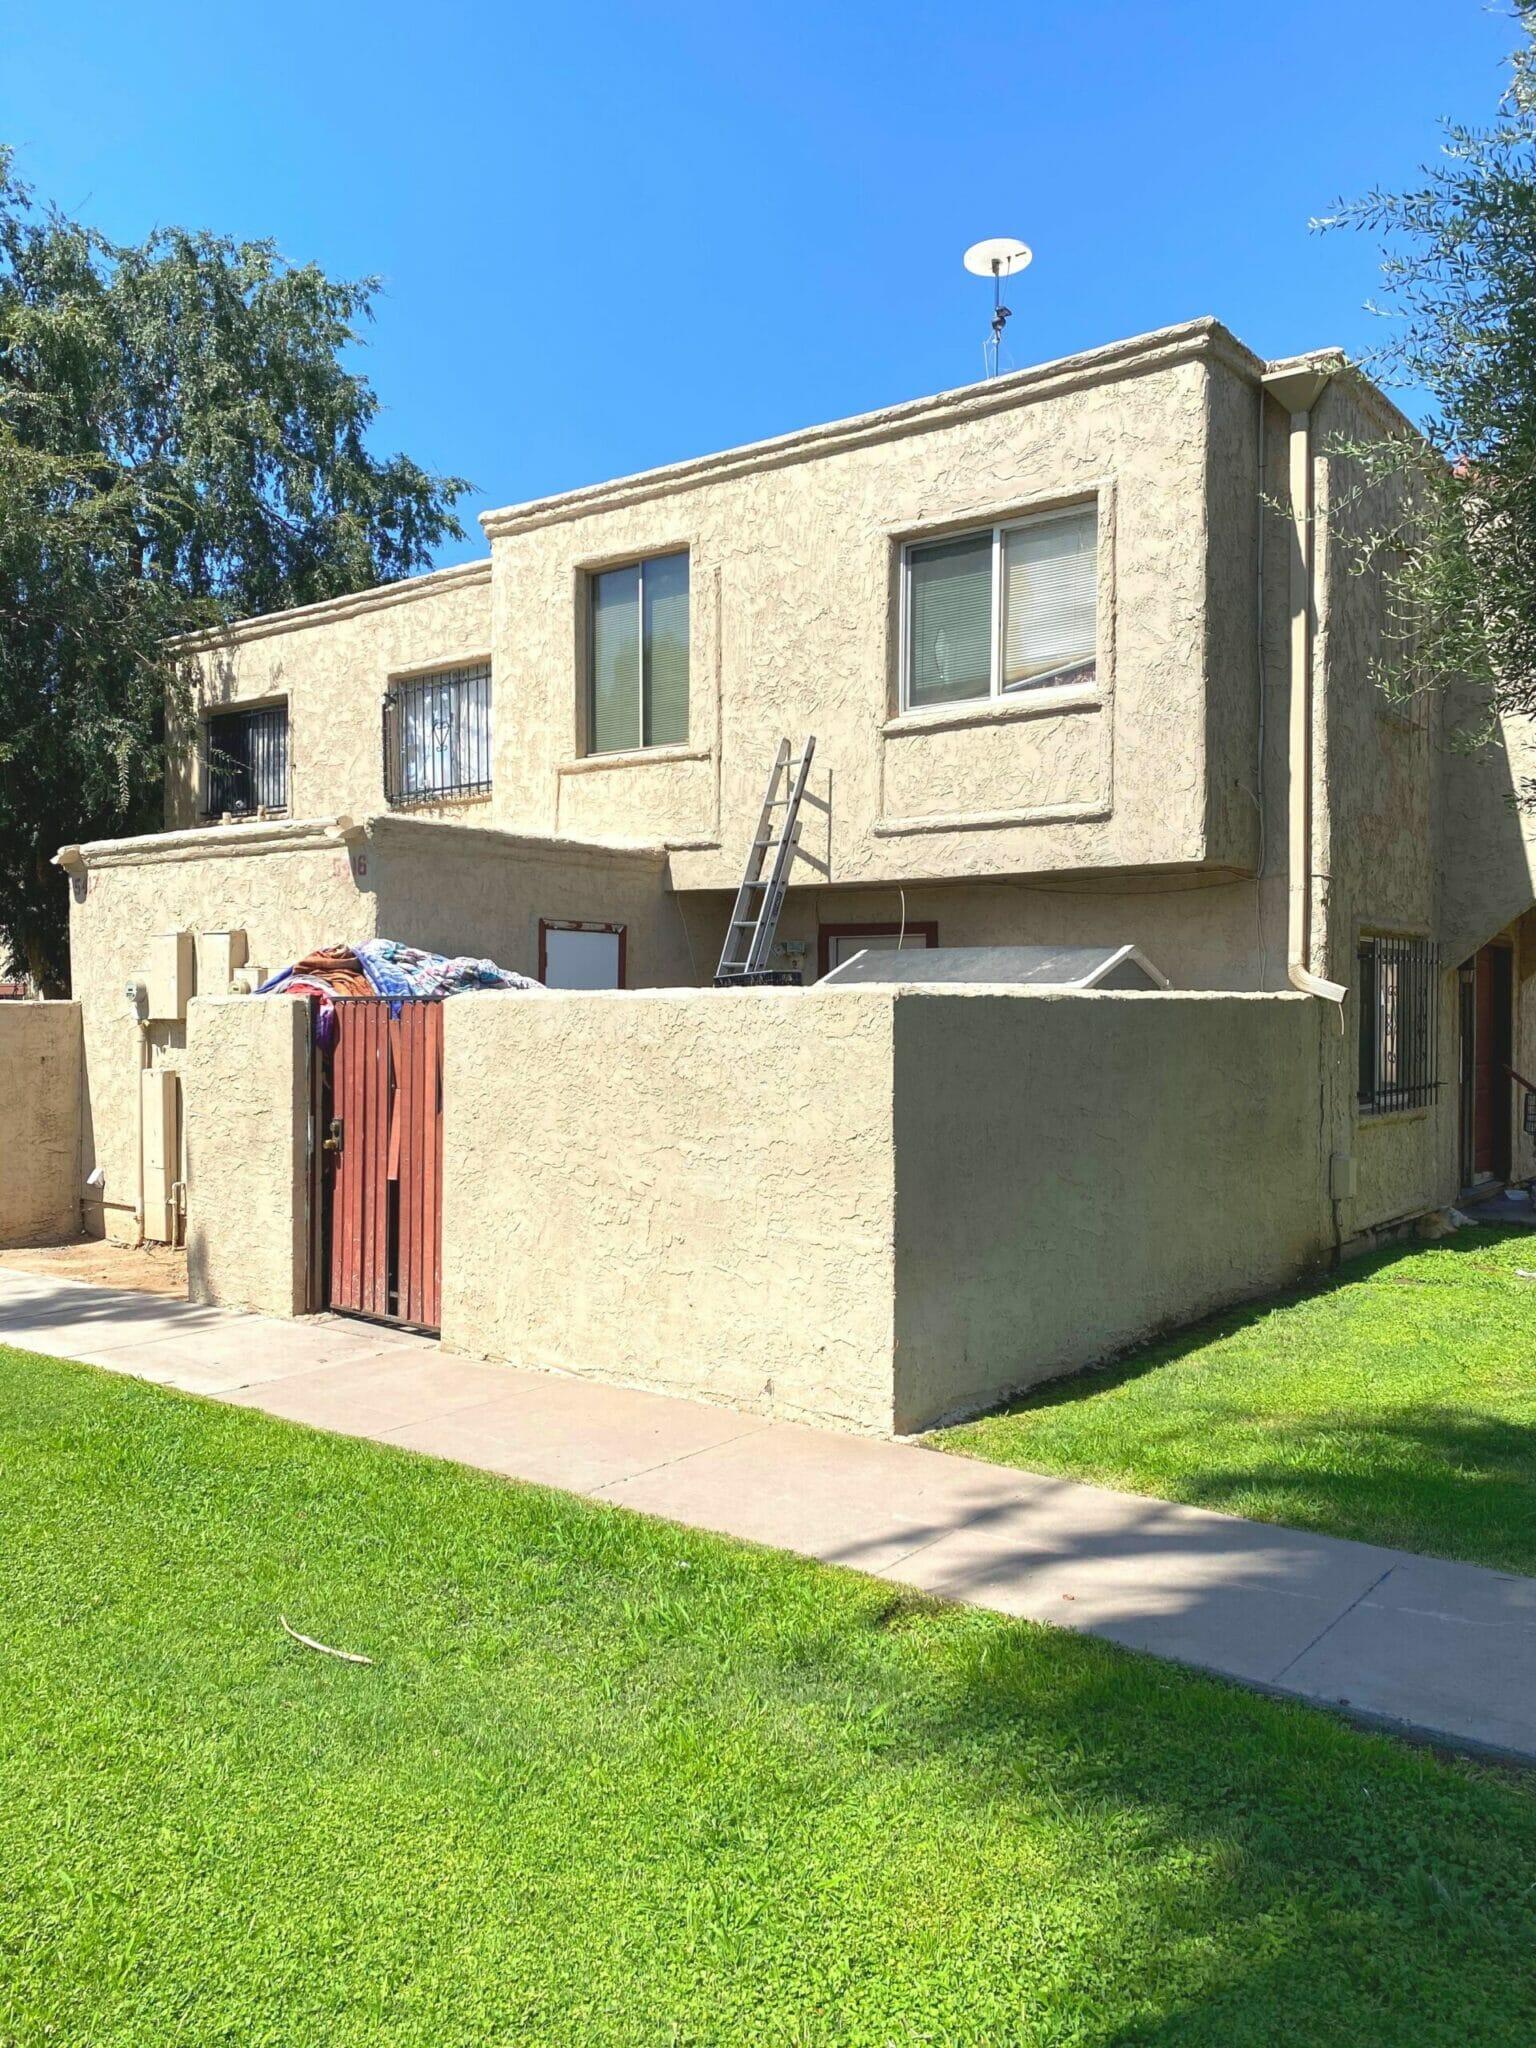 5416 W Lynwood St, Phoenix, AZ 85043